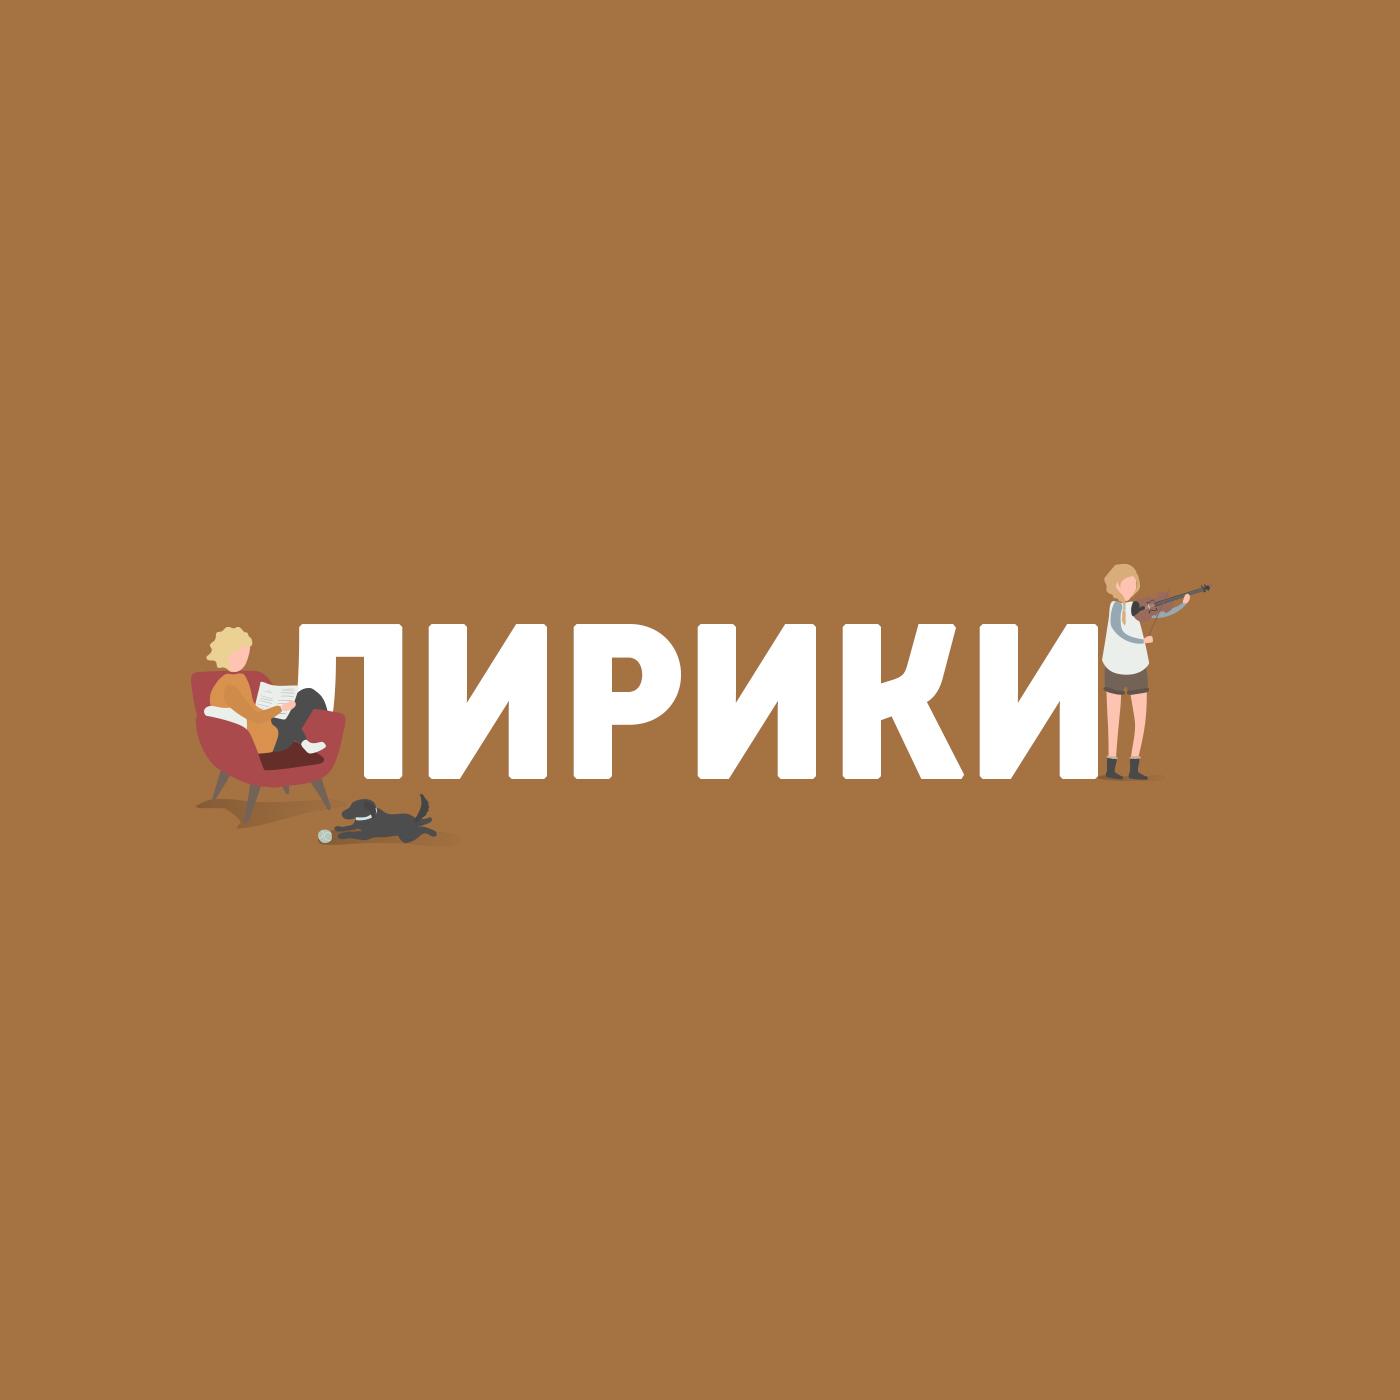 Маргарита Митрофанова Софизмы и логические парадоксы маргарита митрофанова софизмы и логические парадоксы